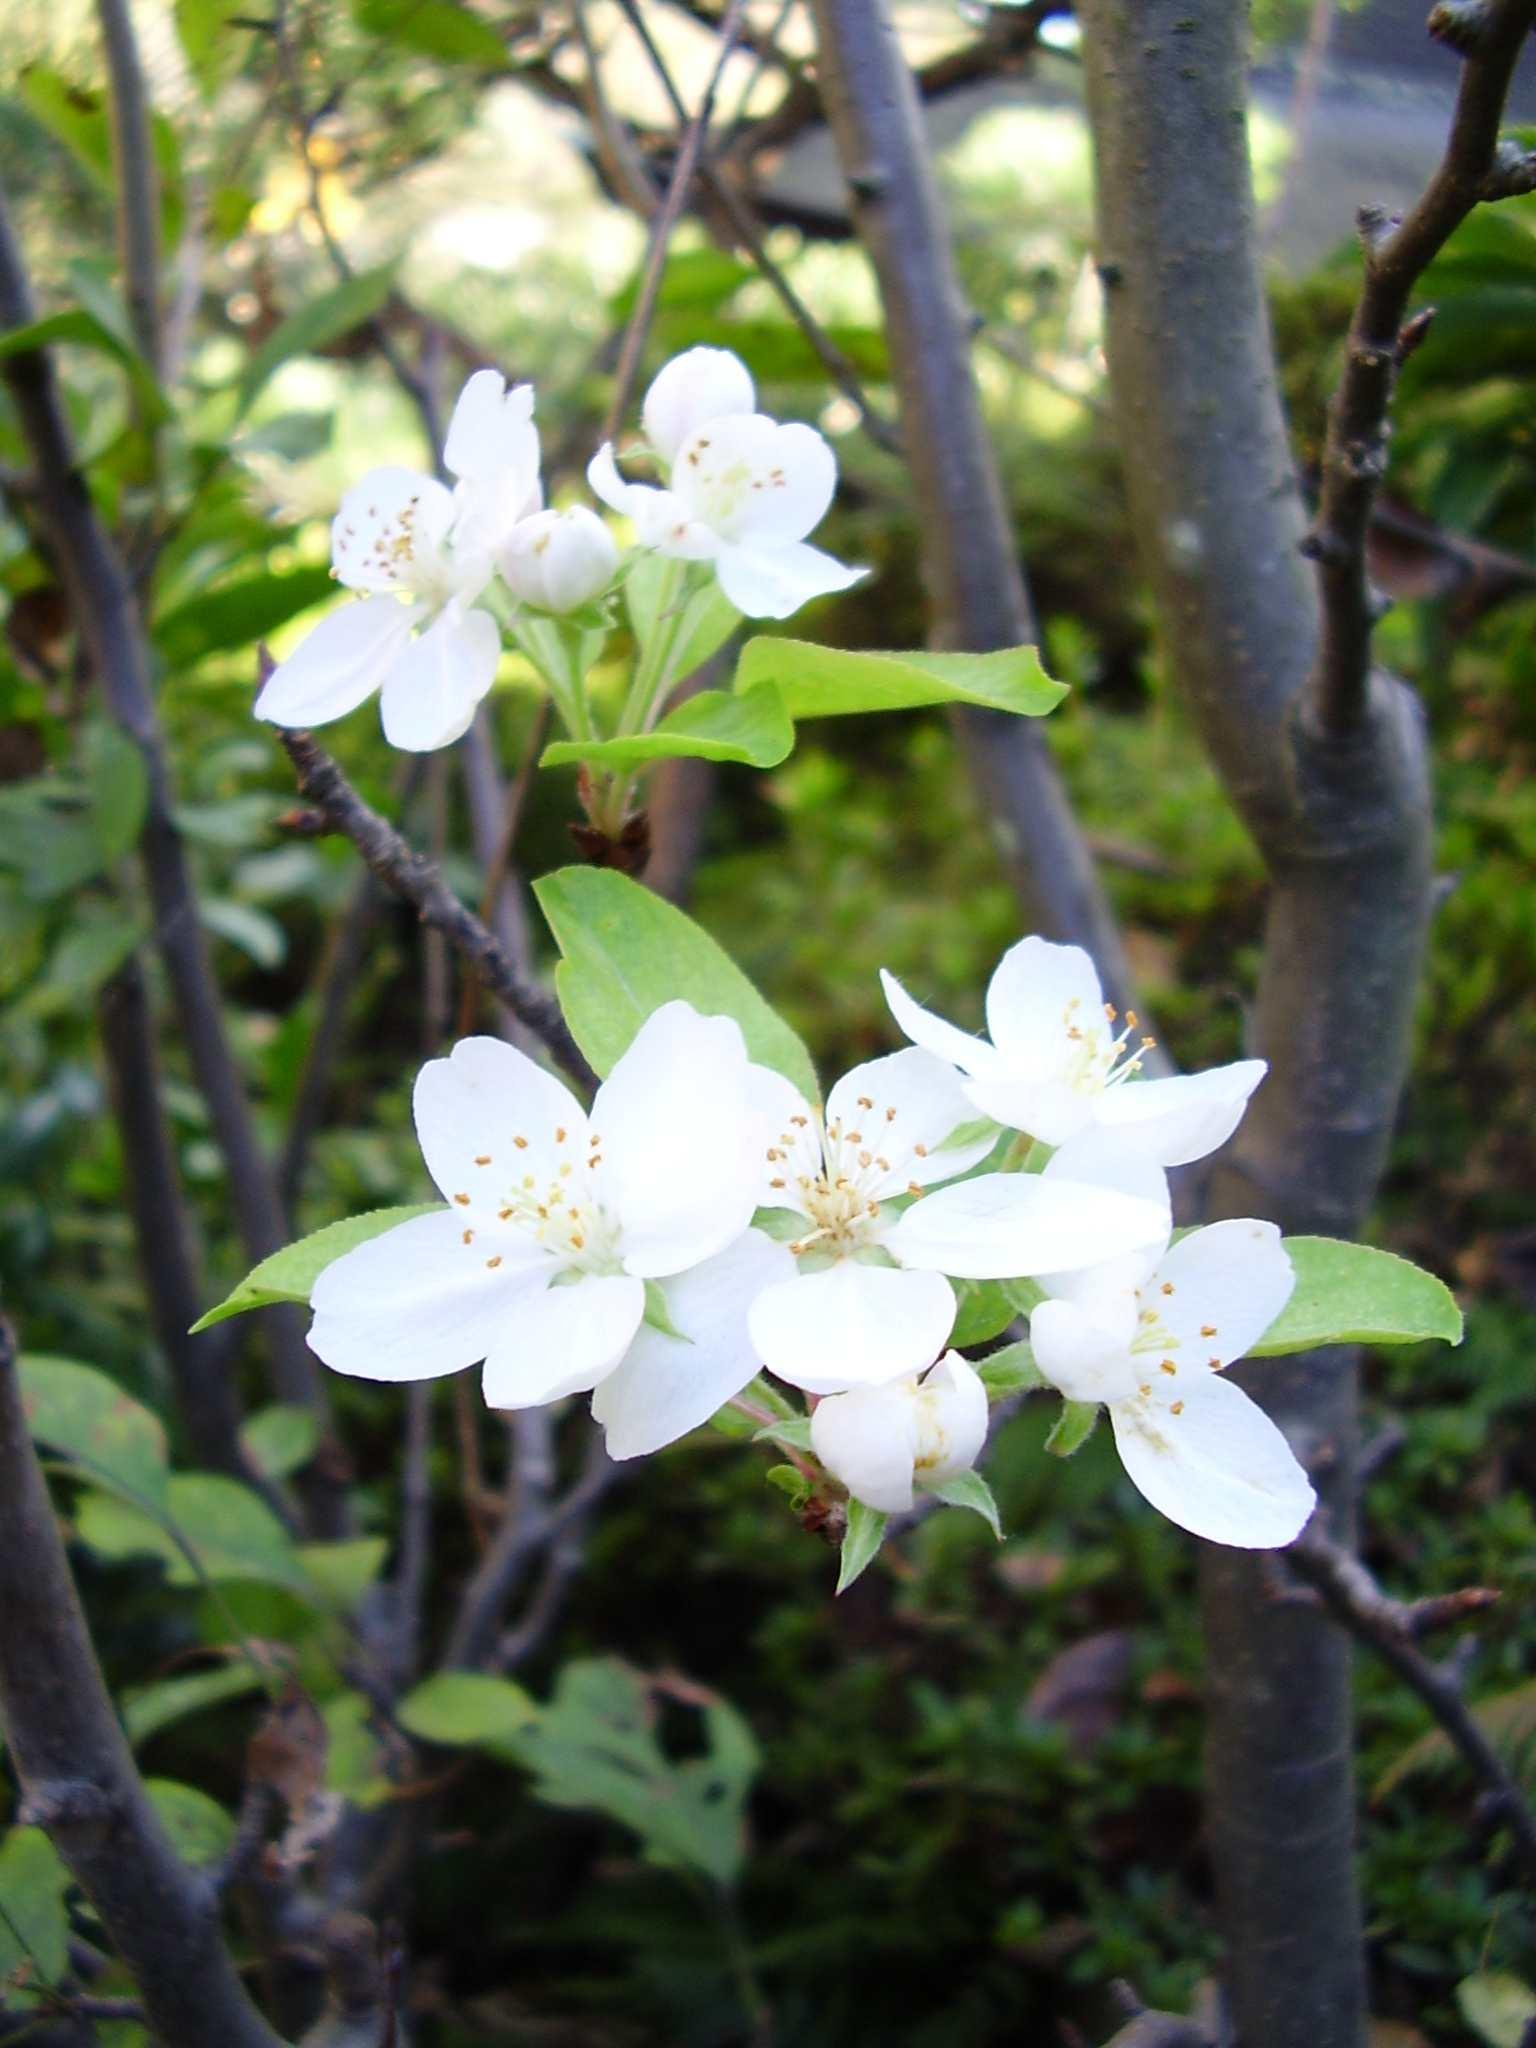 しろく可愛らしい花「ヒメリンゴ」